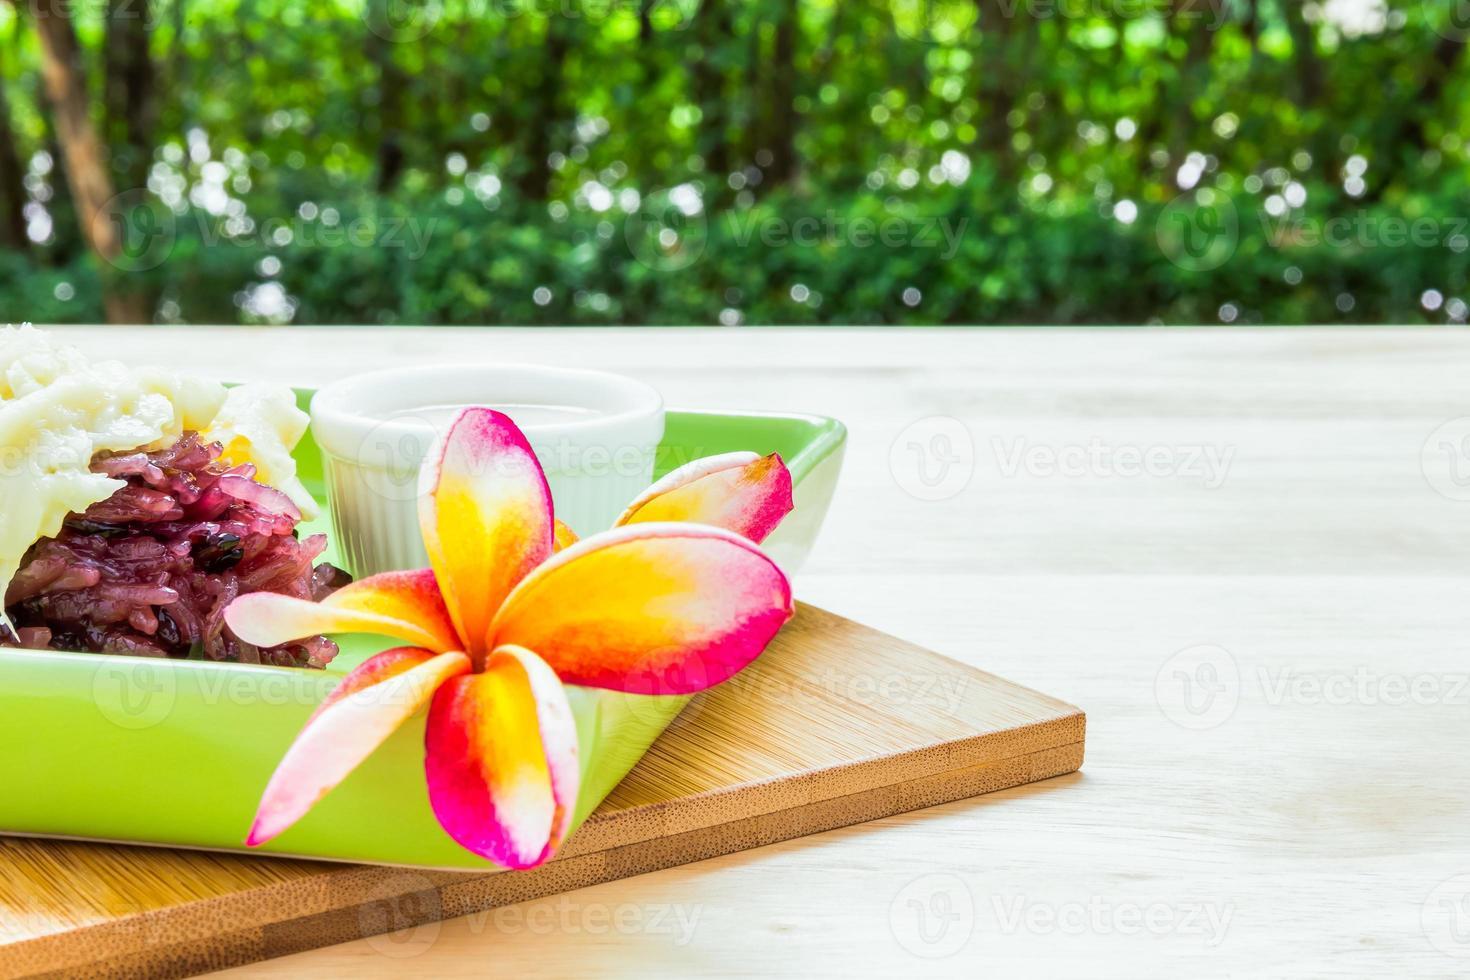 cuisine thaïlandaise traditionnelle / cuisine thaïlandaise photo